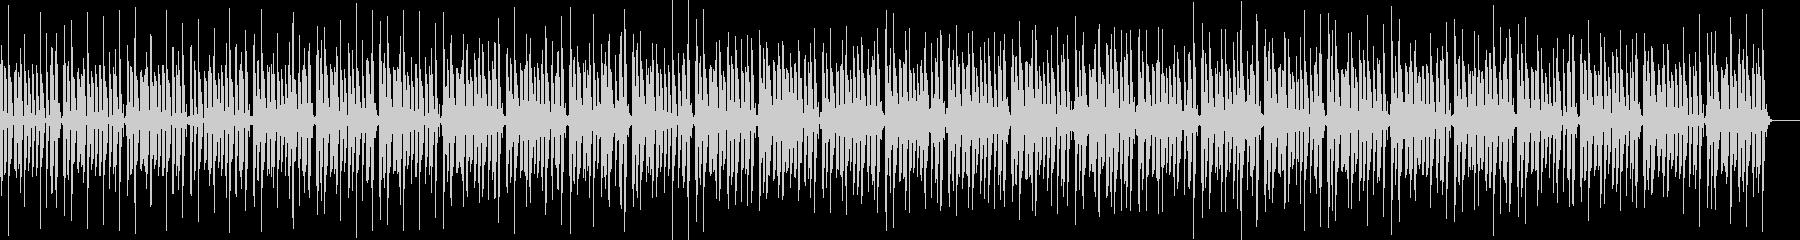 ノリがいいベースが主役のファンク調の曲の未再生の波形